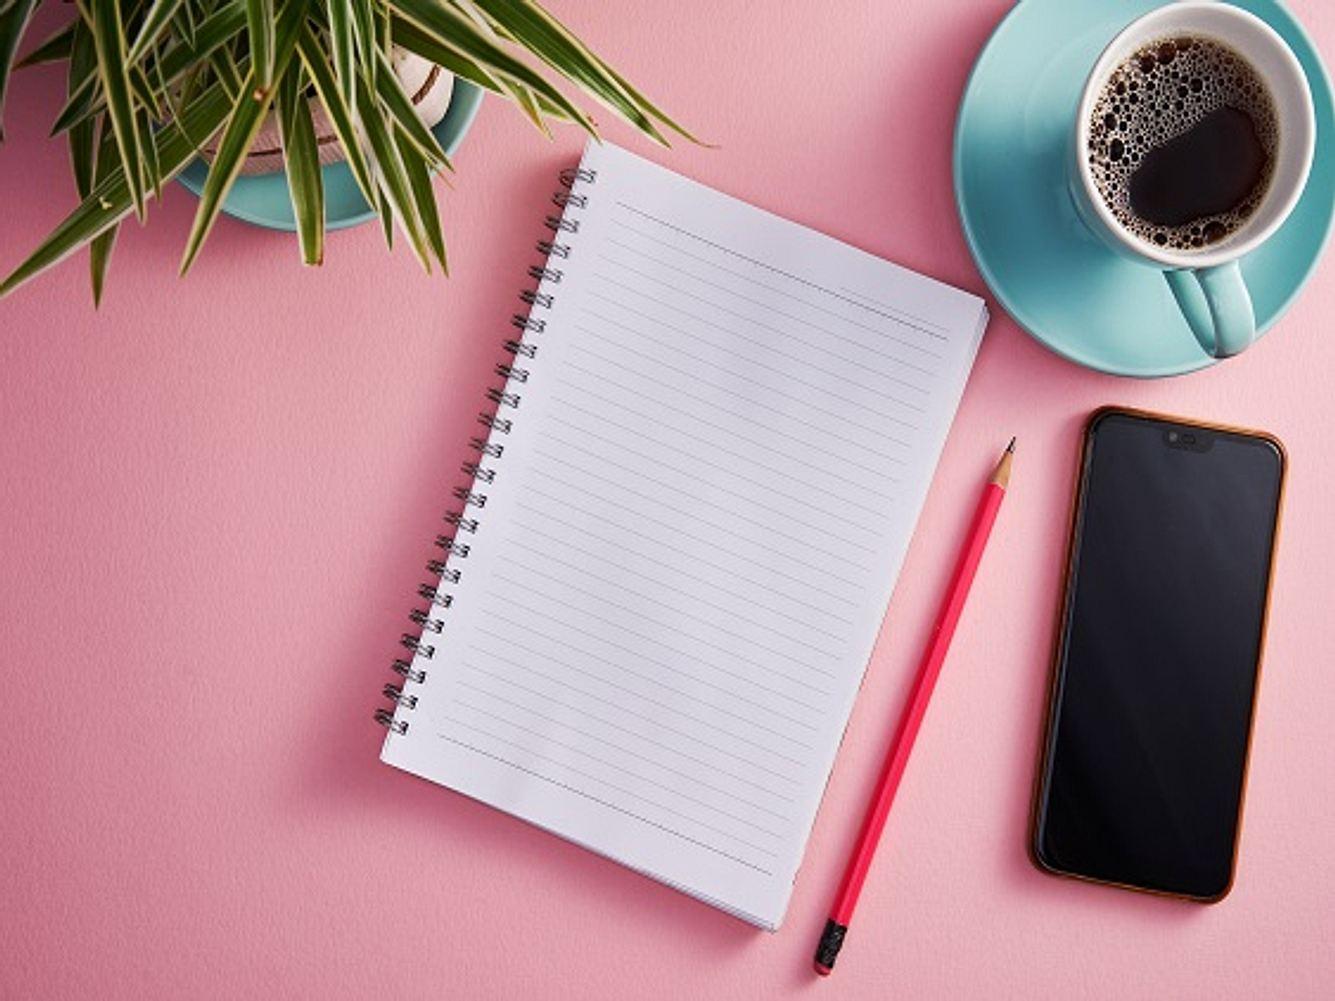 Notizbuch, Stift, Handy, Kaffeetasse und Topfblume vor rosa Hintergrund